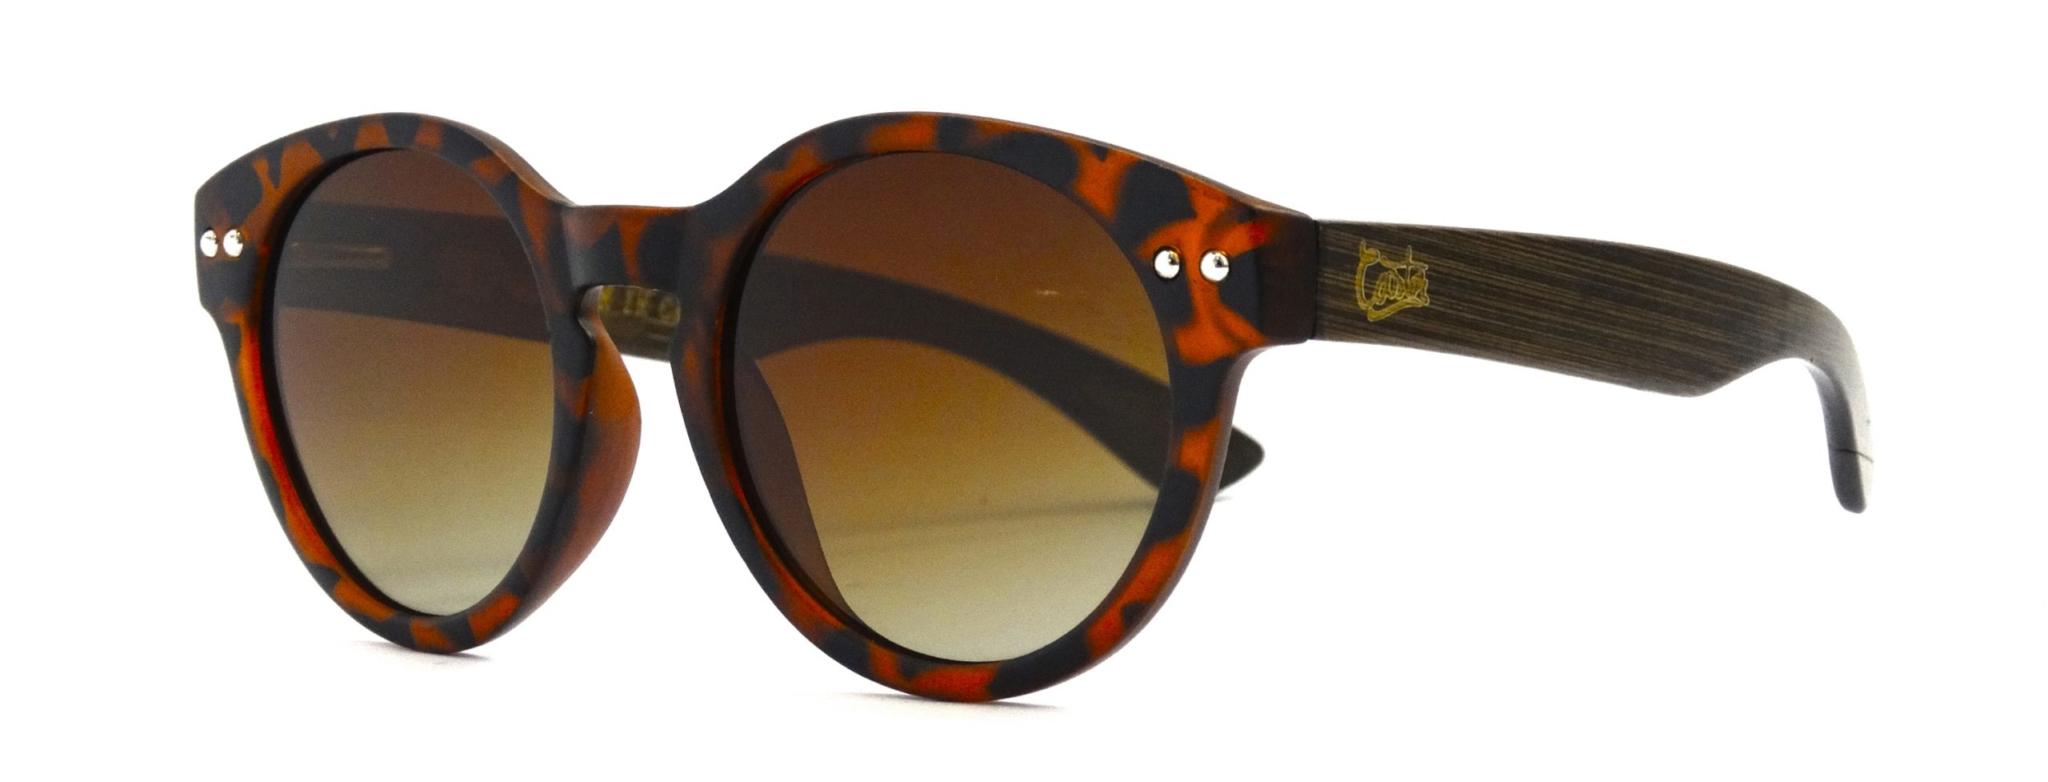 4e5db661-71b-gafas-de-sol